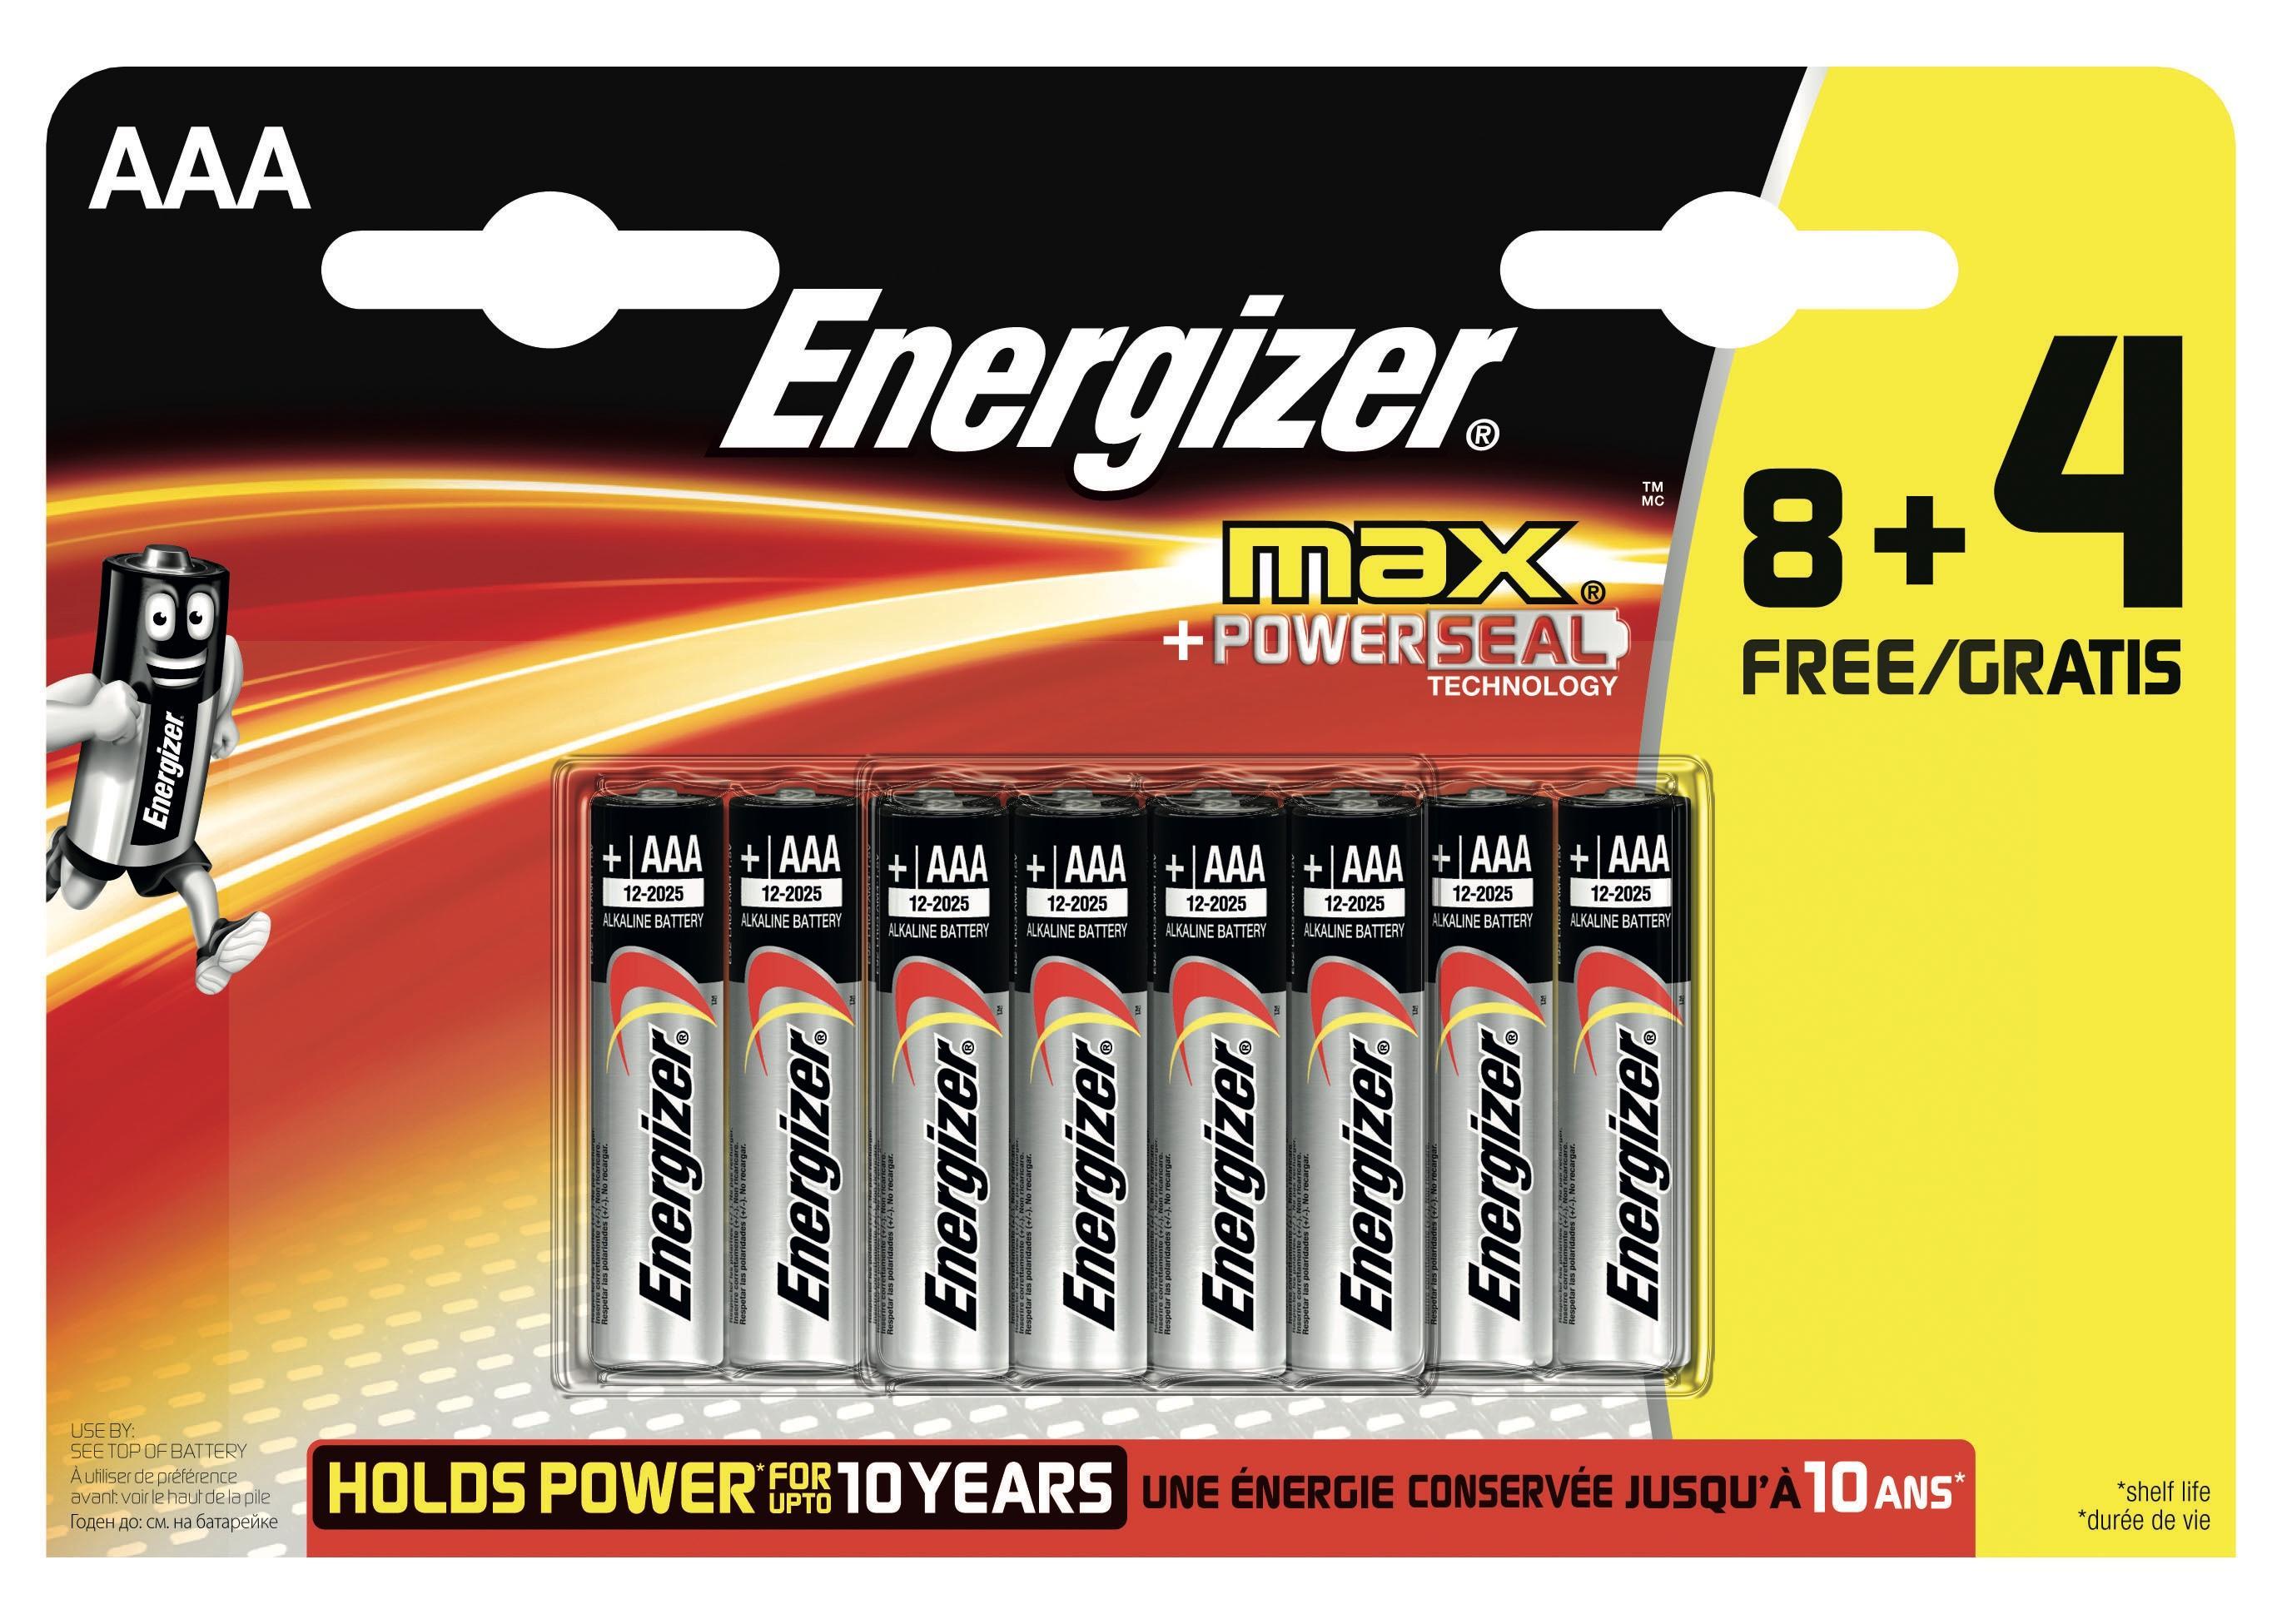 Energizer E300112200 batteria per uso domestico Batteria monouso Mini Stilo AAA Alcalino